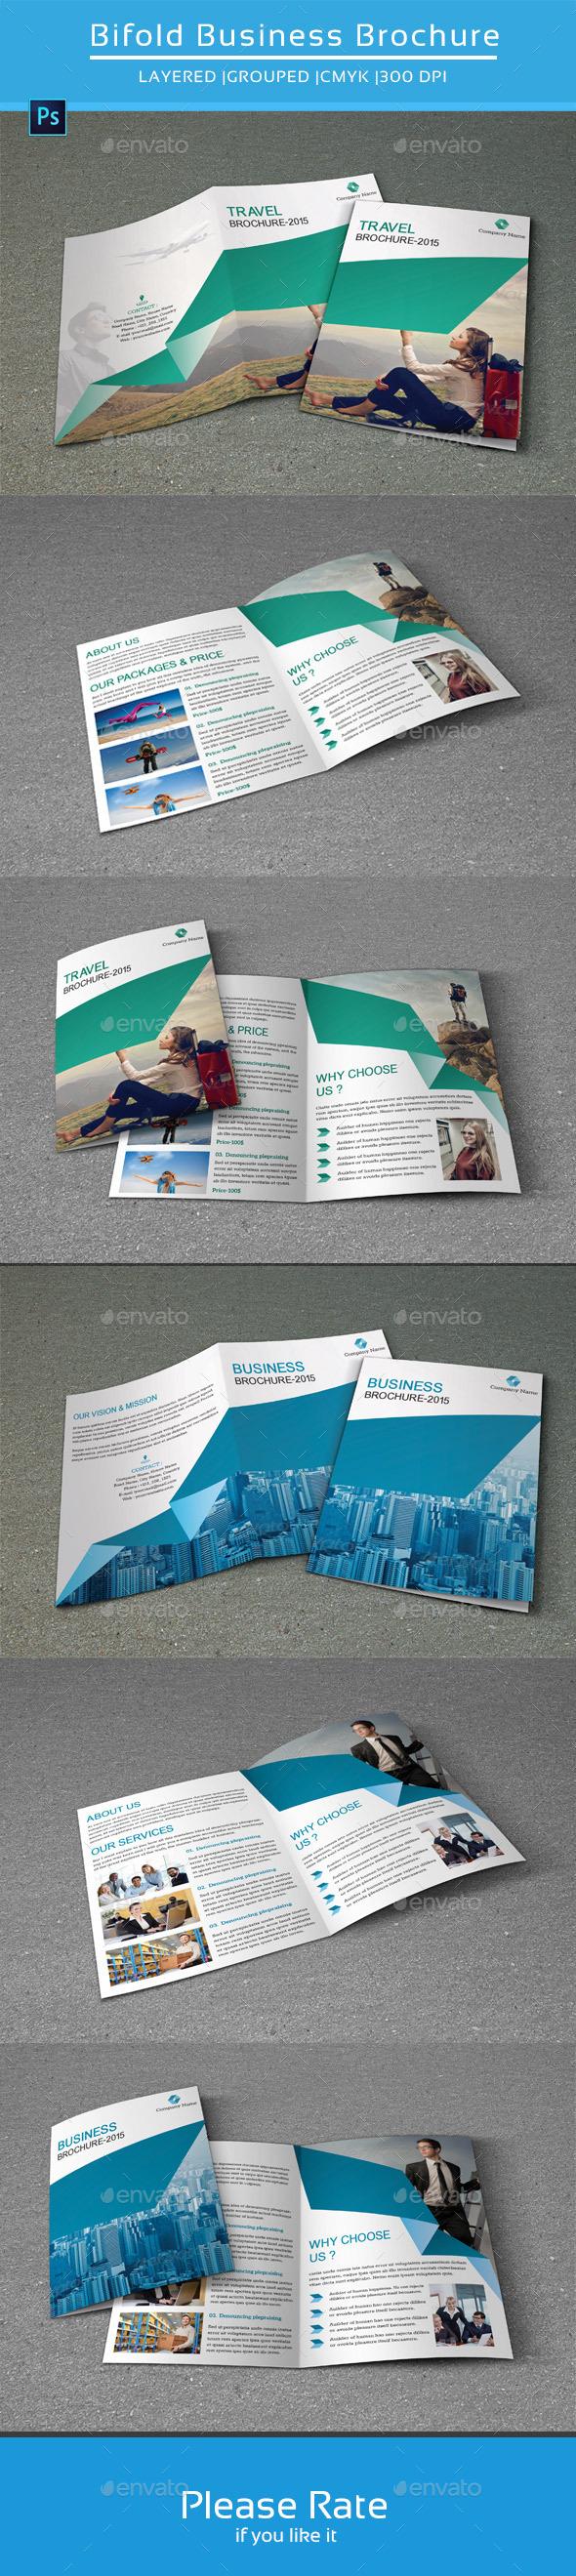 Bifold Business Brochure-V135